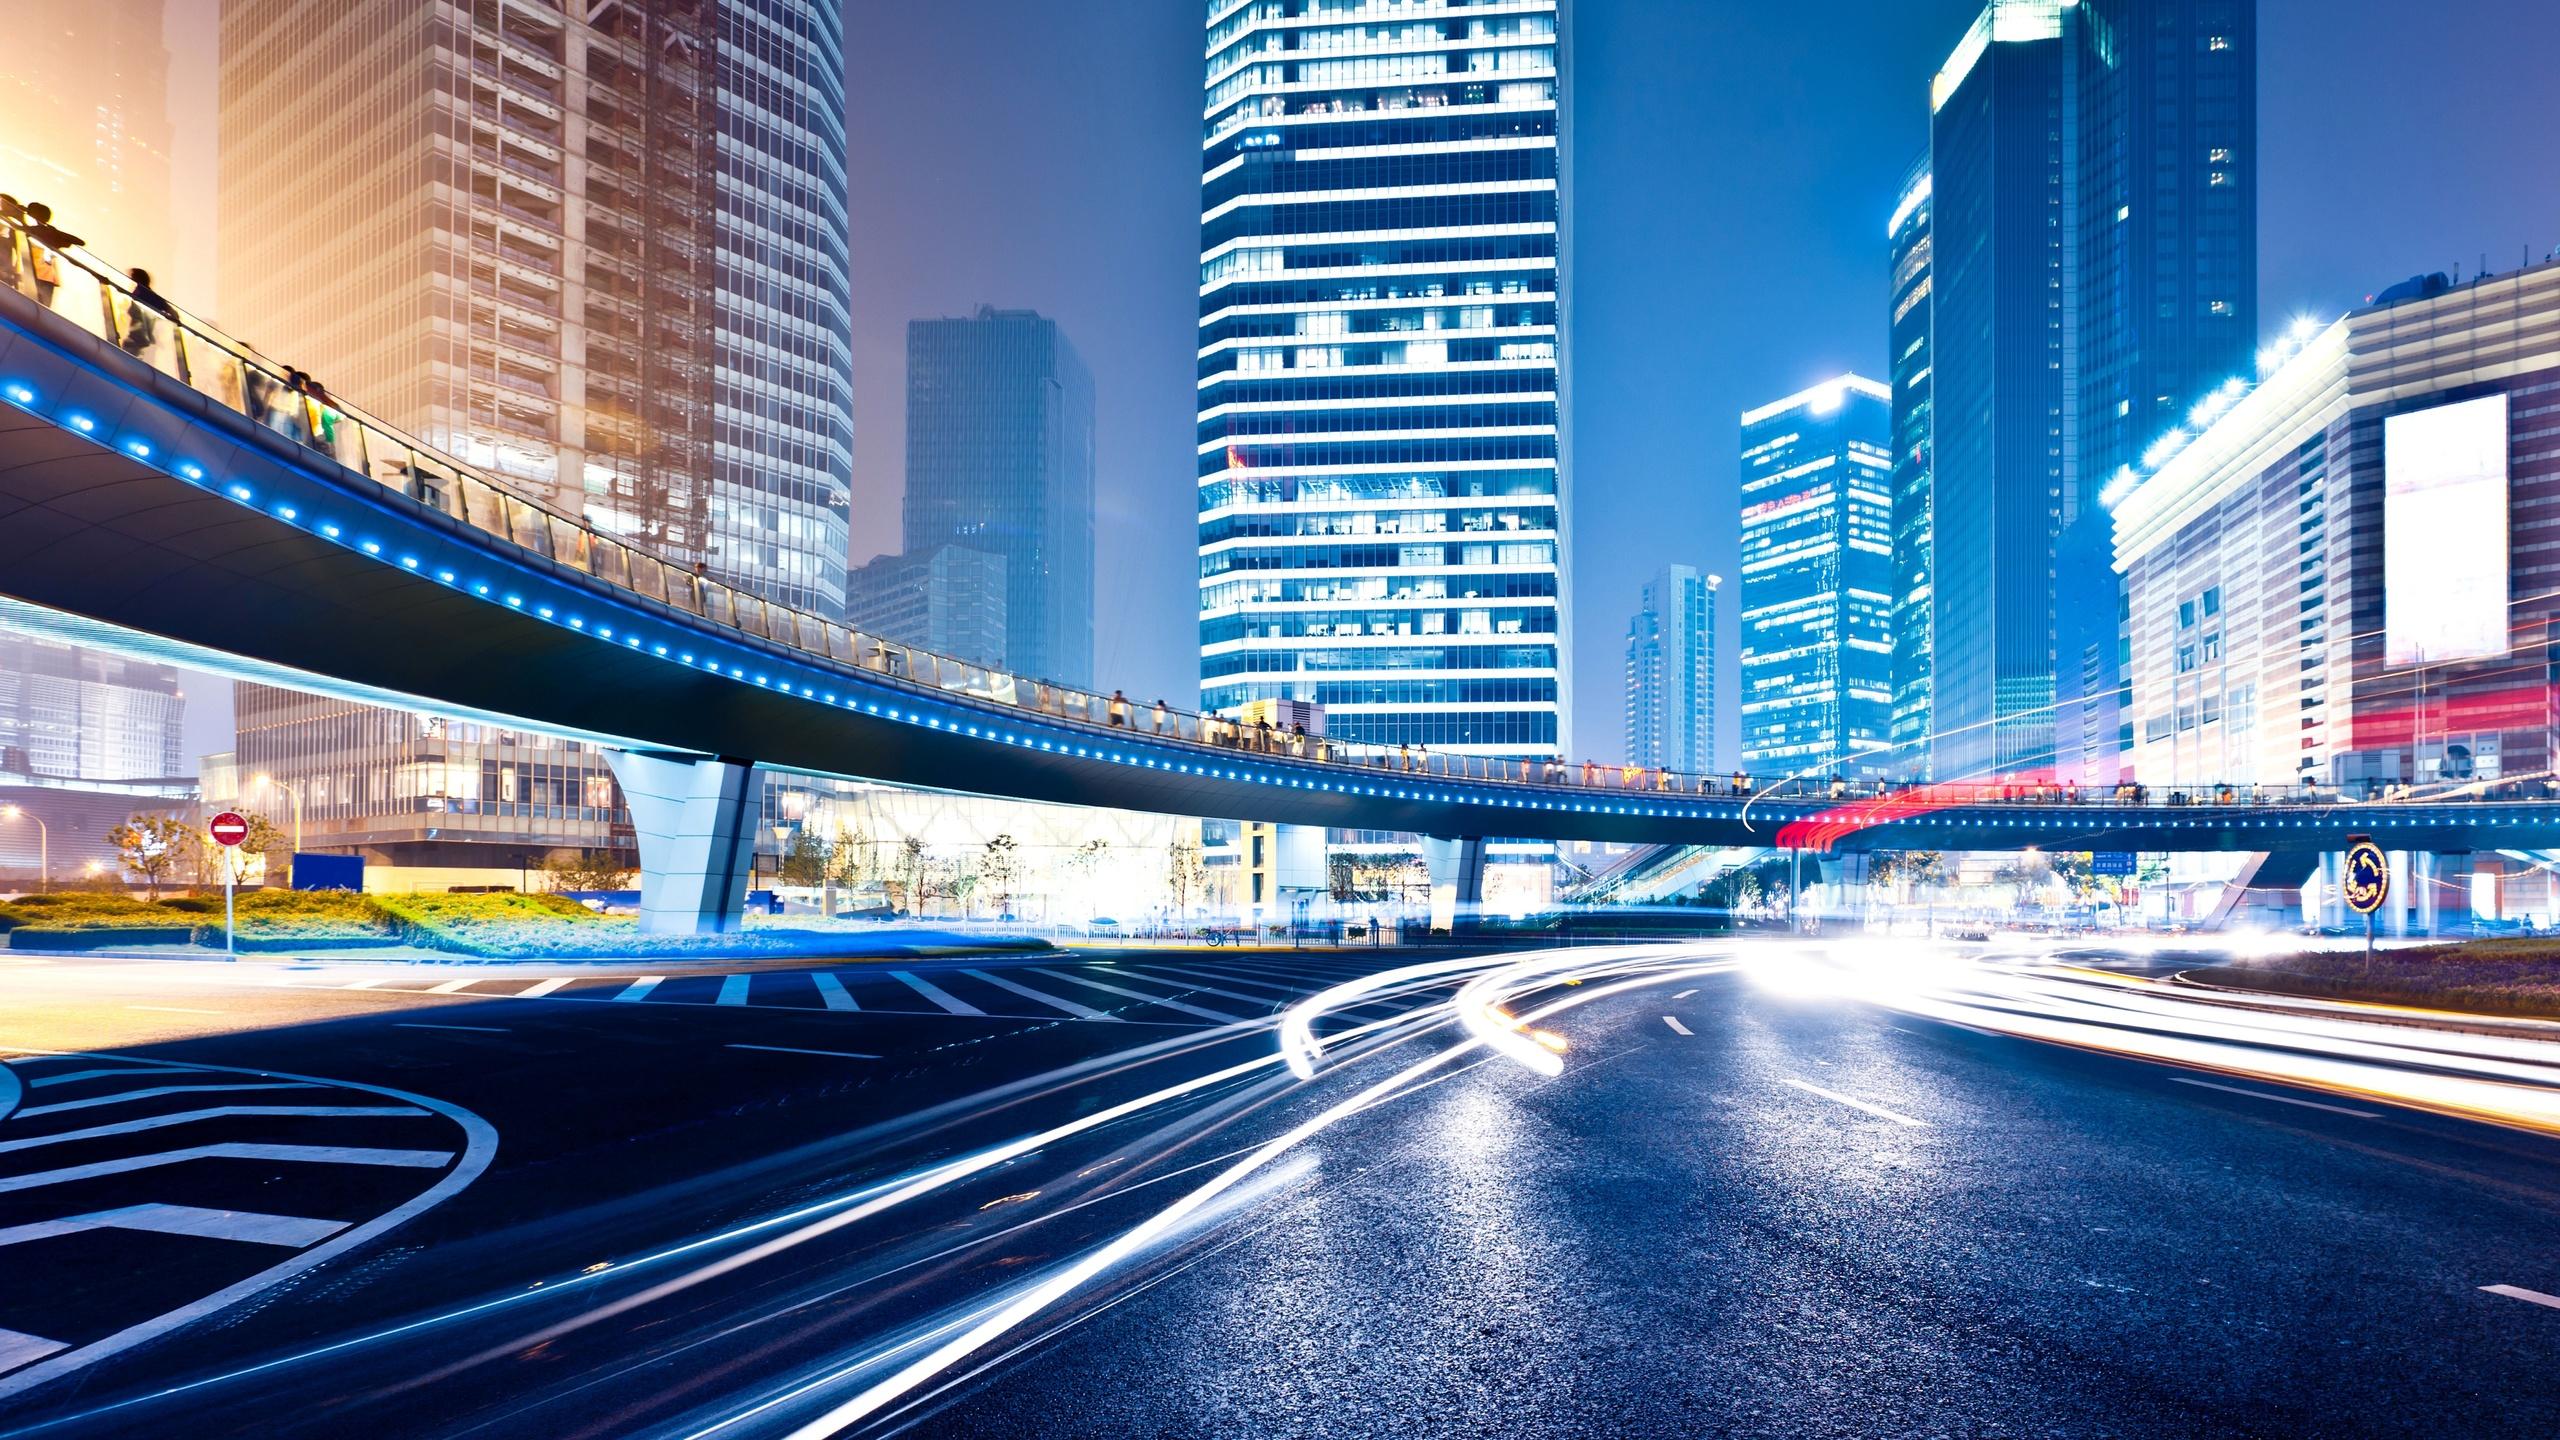 картинки ночного города высокого разрешения села города живут